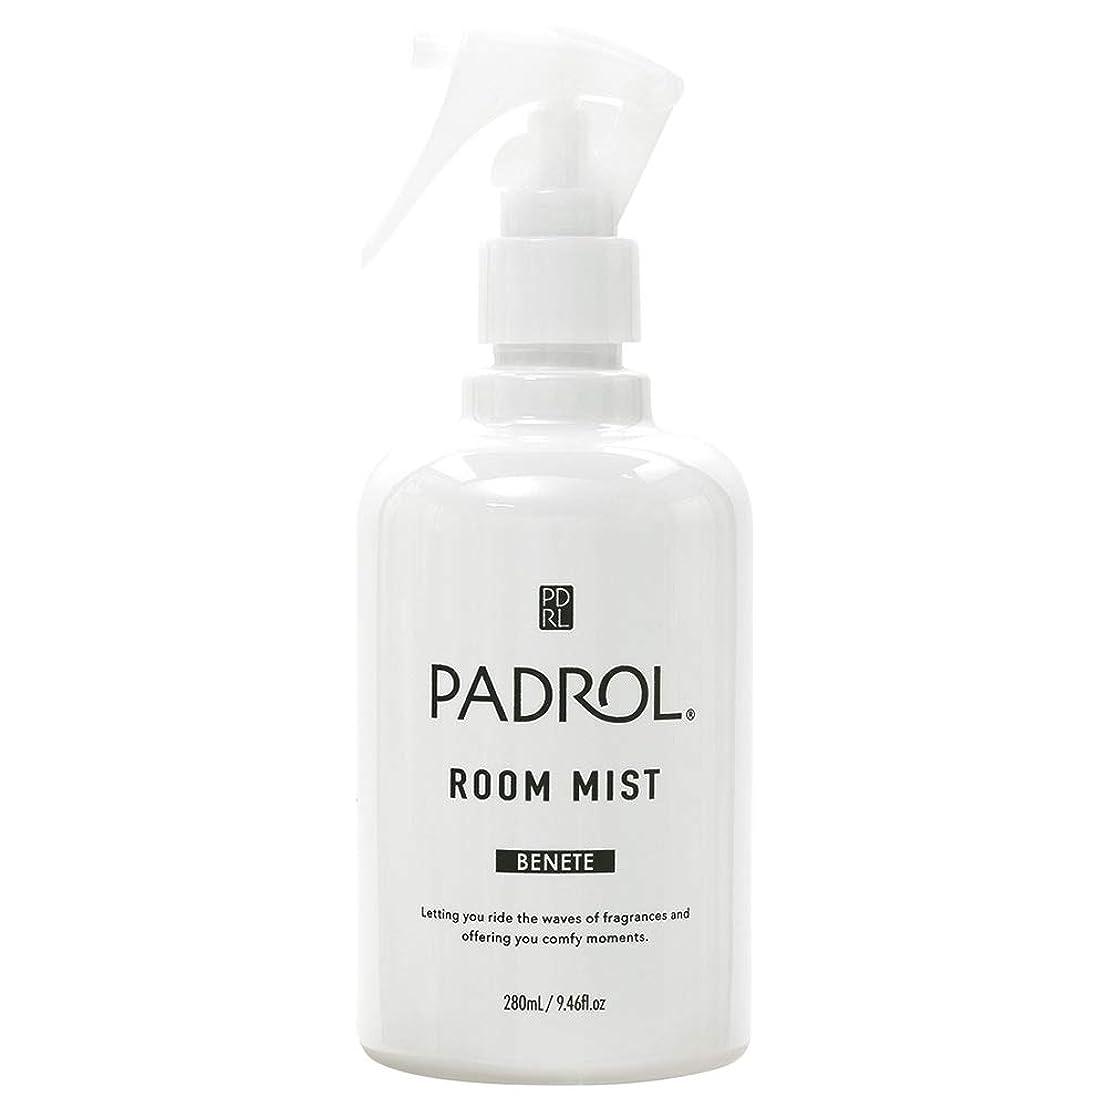 いらいらさせるマサッチョ喉頭ノルコーポレーション ルーム&ファブリックミスト PADROL ホワイトムスクの香り 280ml PAB-2-01